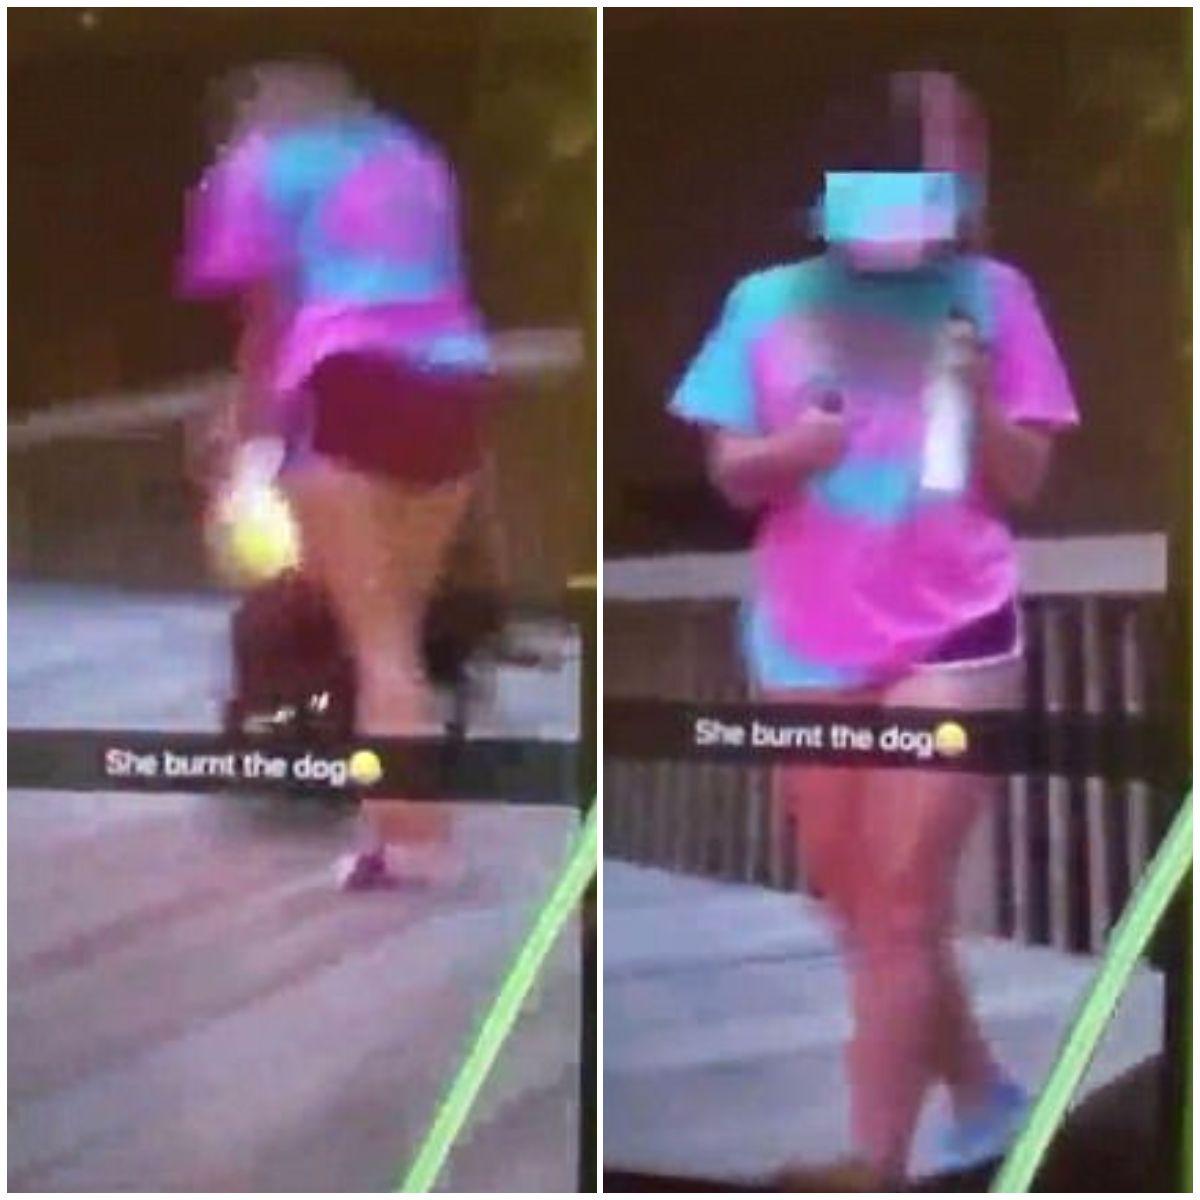 La adolescente subió las imágenes a sus redes sociales